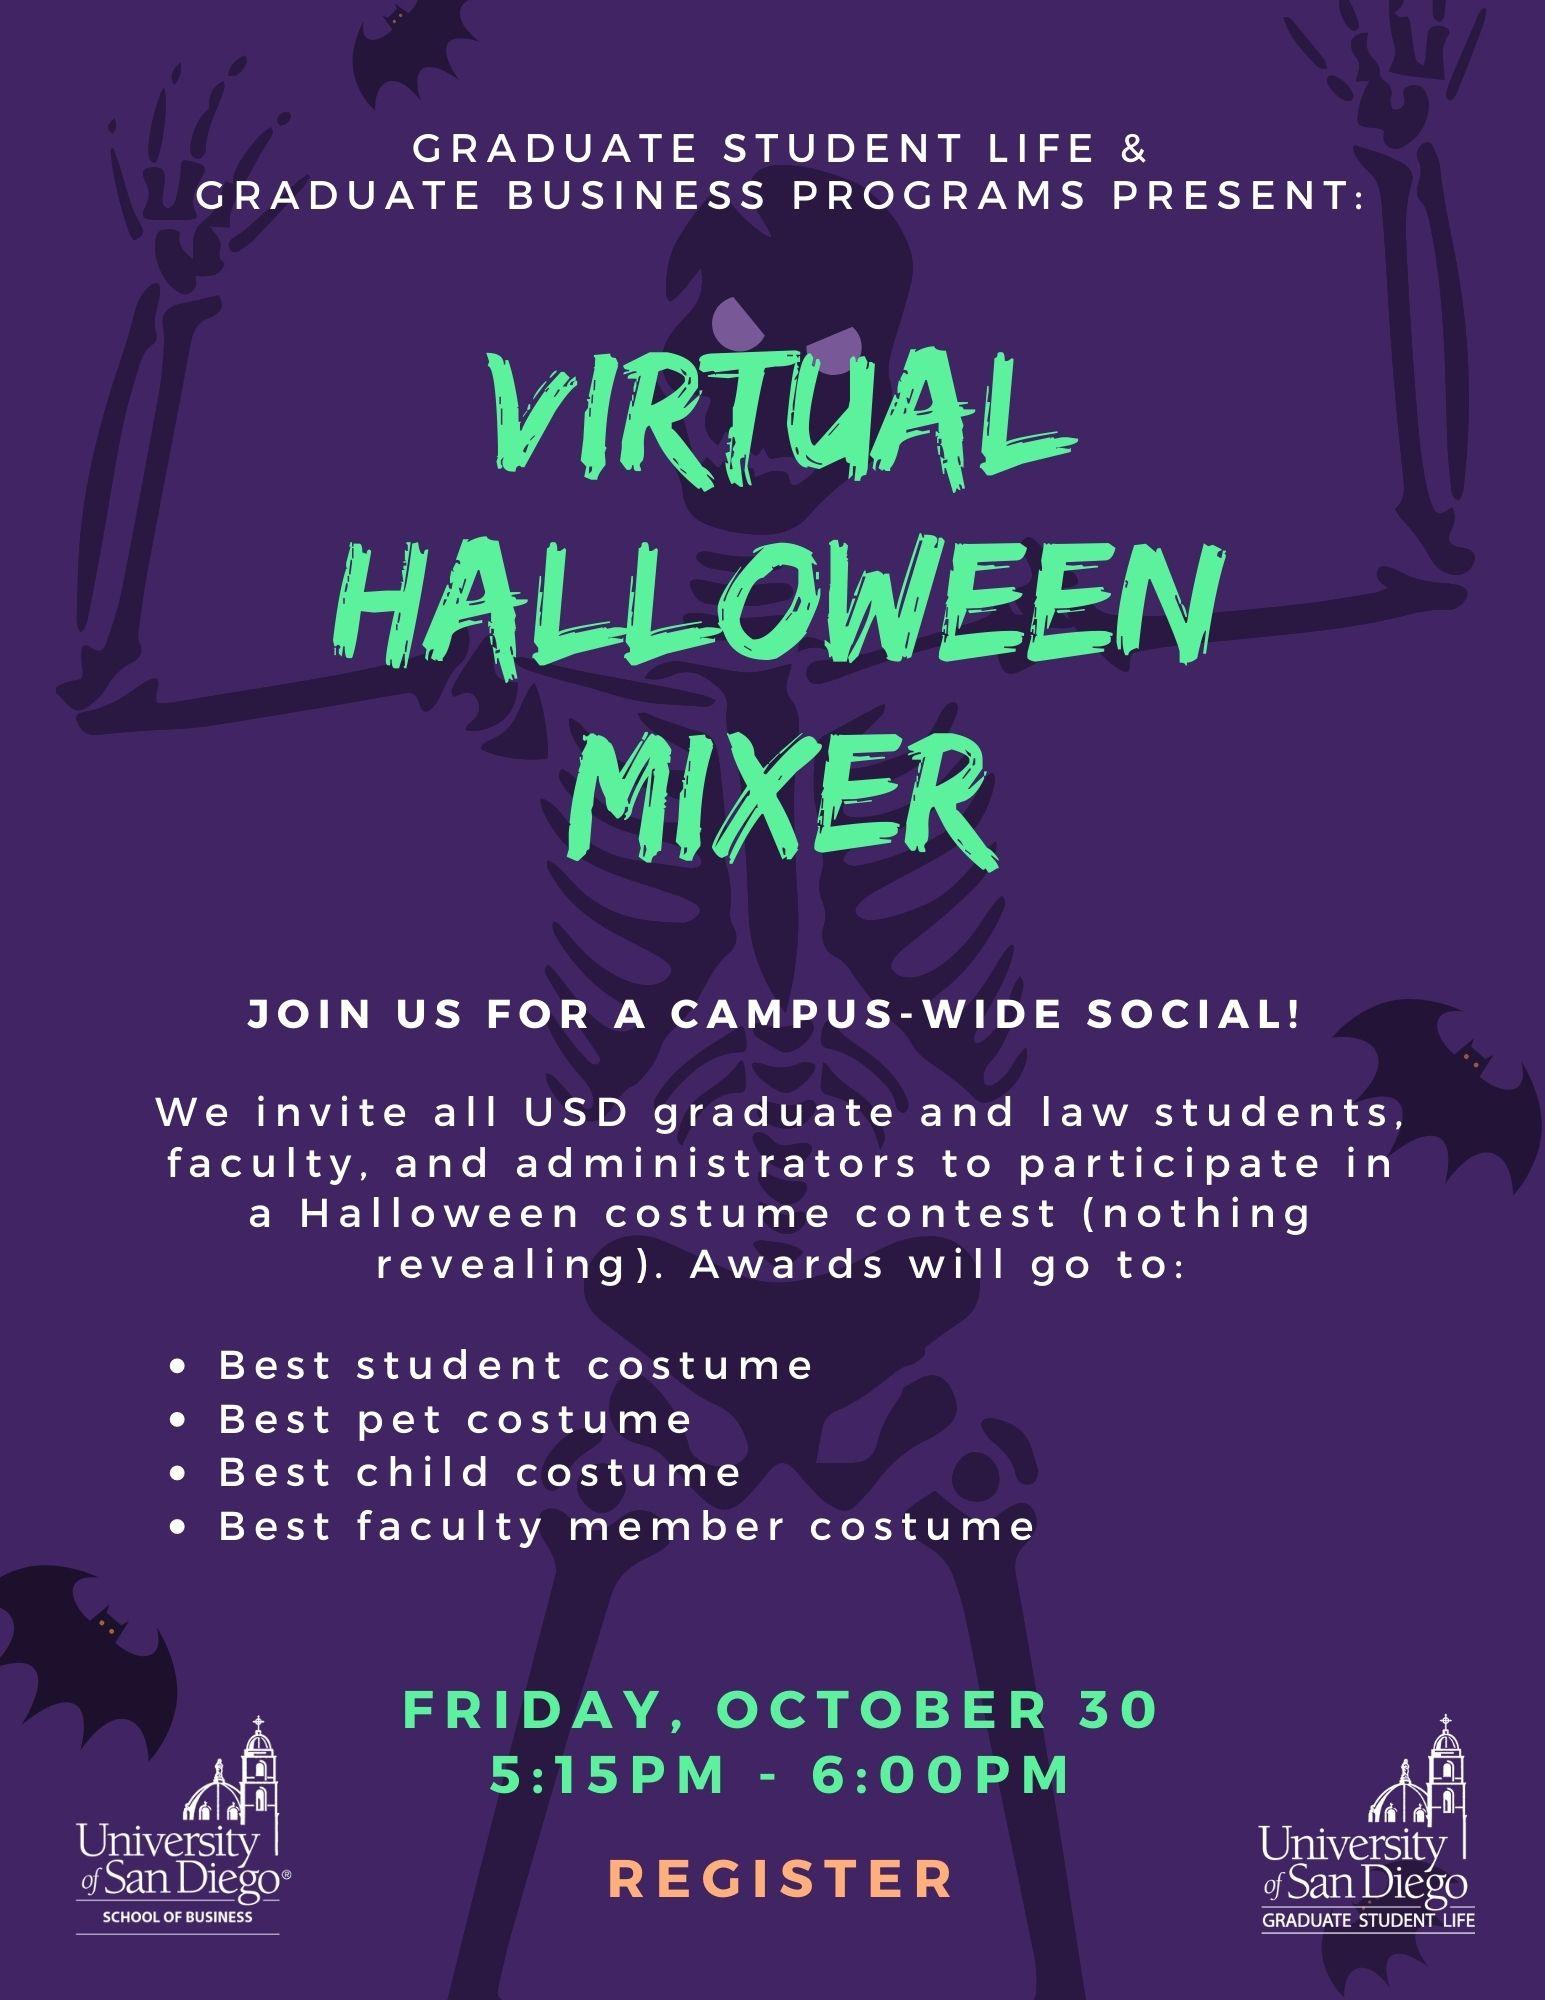 Virtual Halloween Mixer Flyer